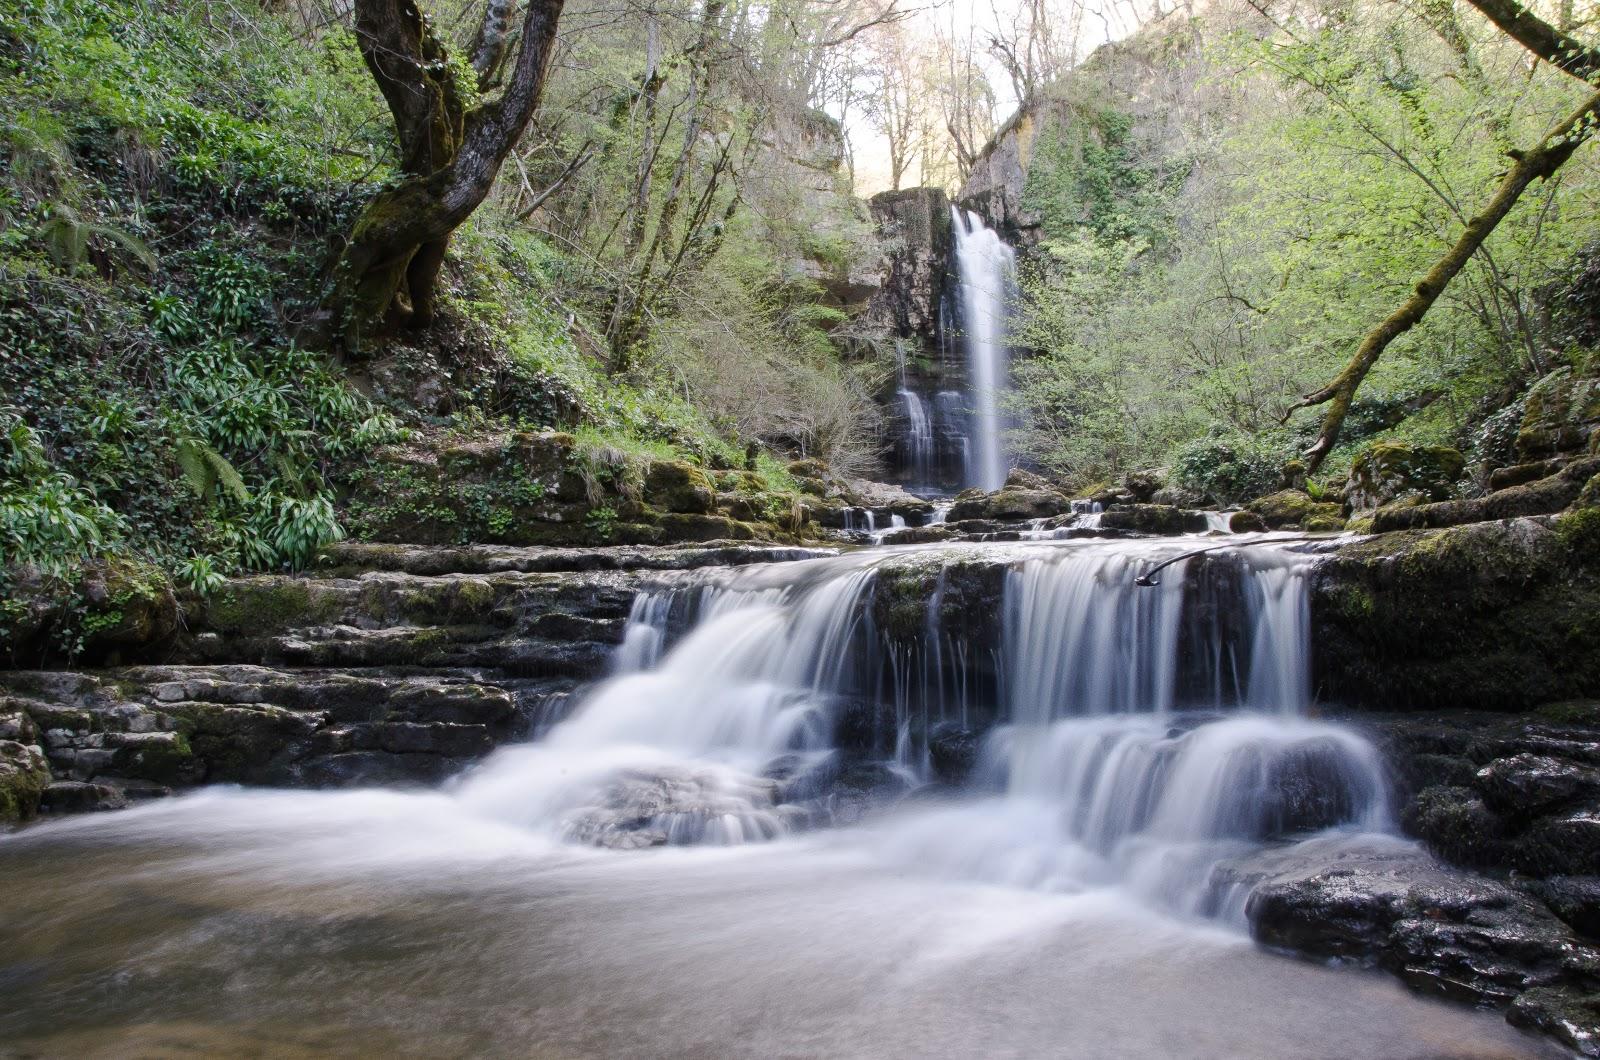 Las Pisas waterfall in Valle de Valdebezanaa - Merindades